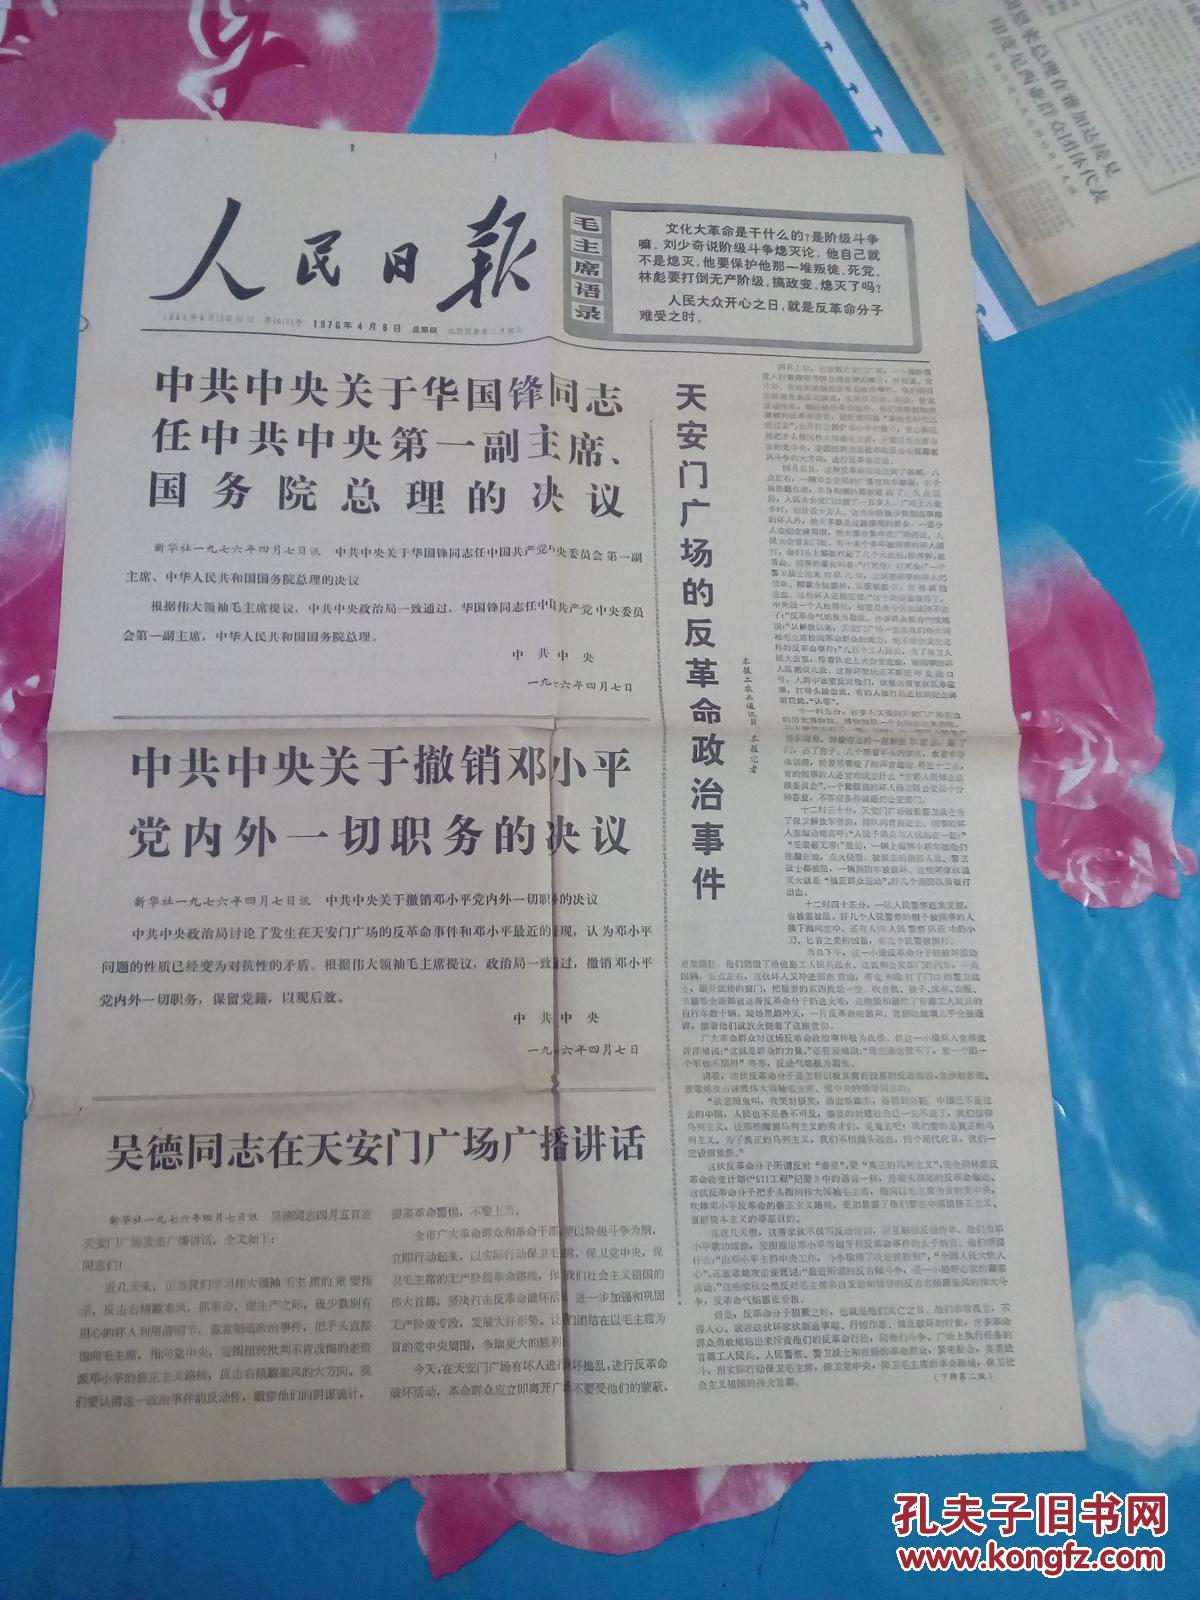 1976年4月8日的《人民日报》共4版。